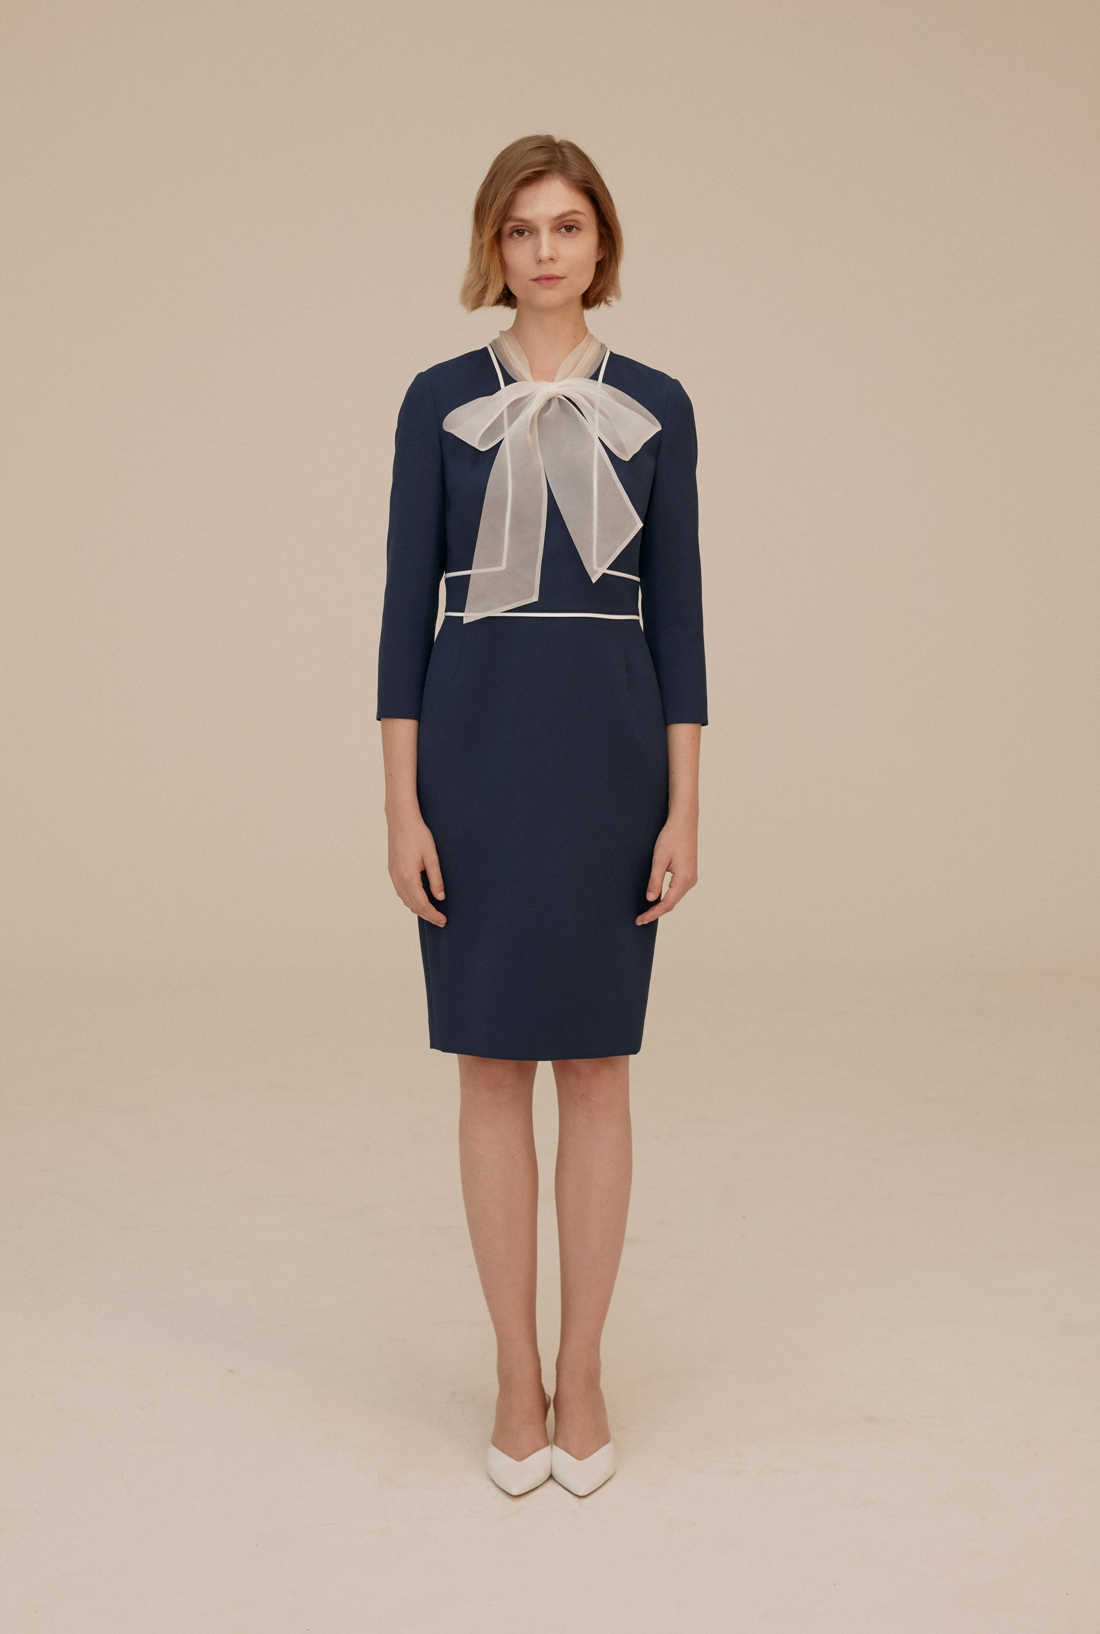 烏干紗蝴蝶結領洋裝